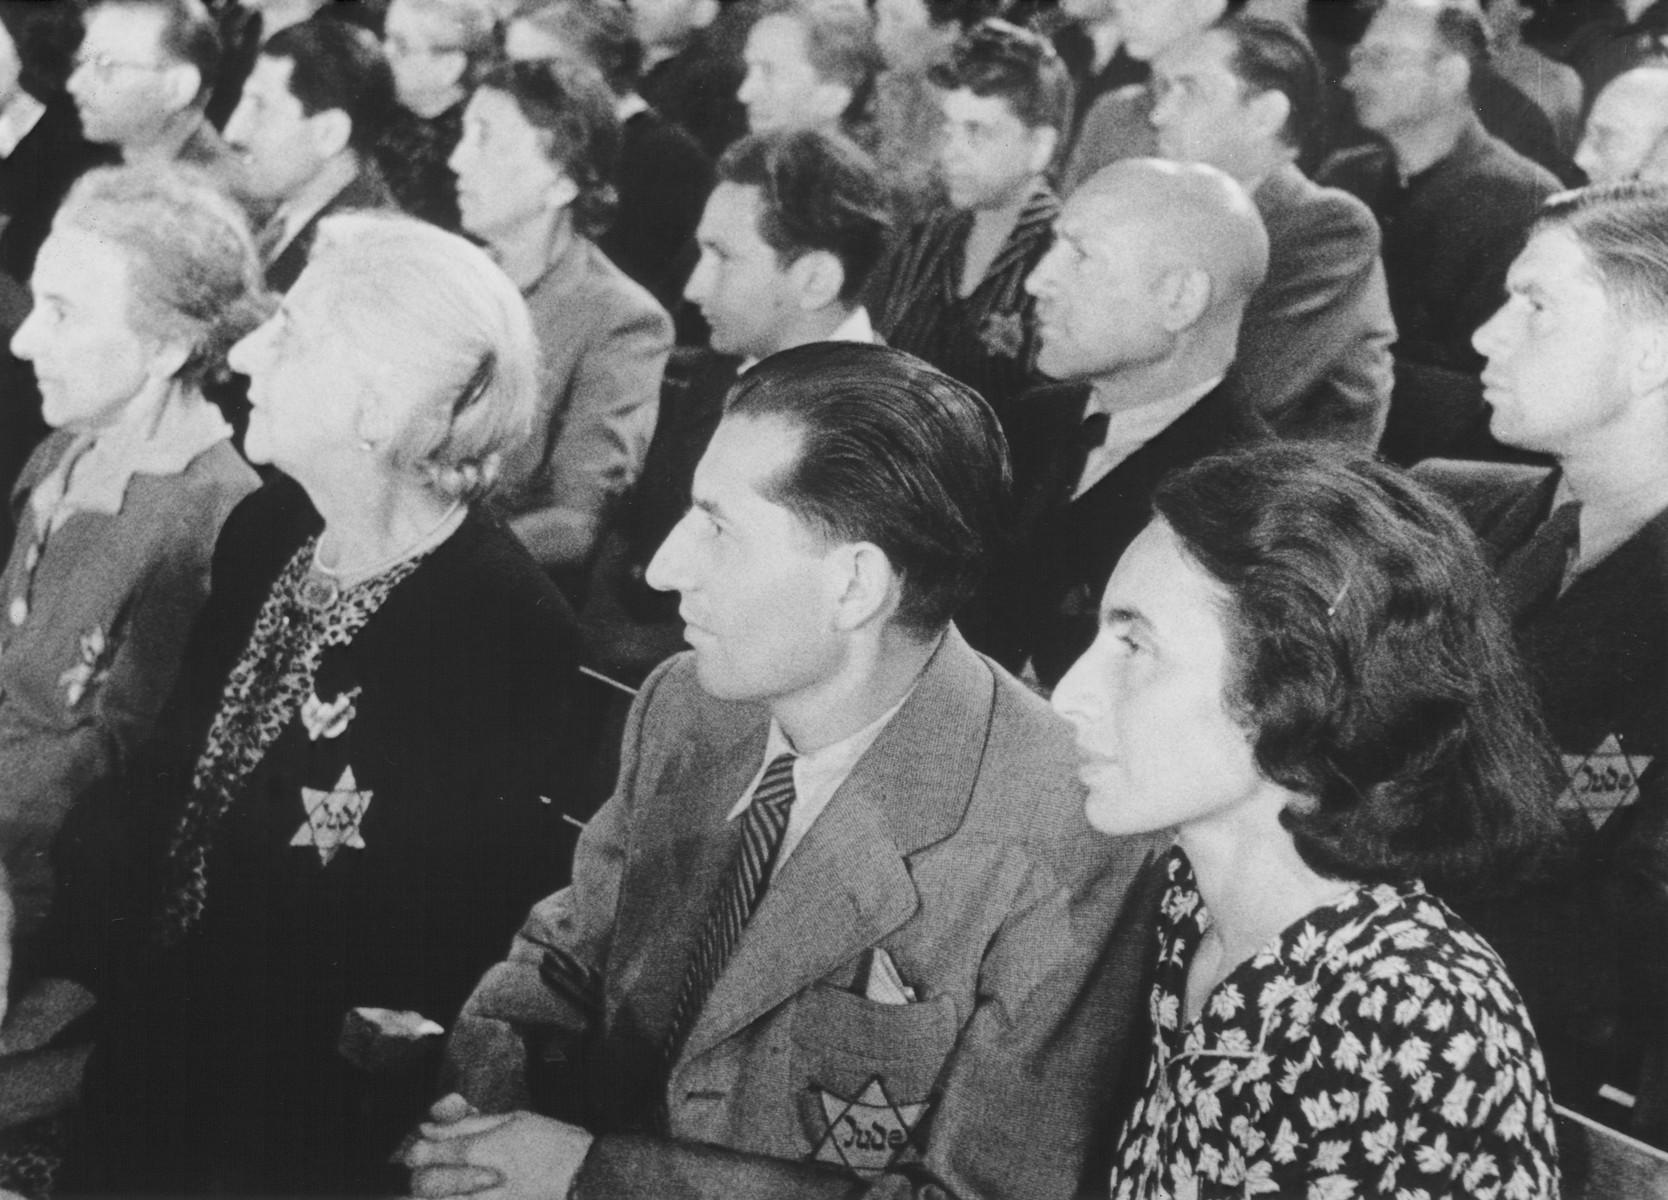 """STILL PHOTOGRAPH FROM THE NAZI PROPAGANDA FILM, """"Der Fuehrer Schenkt den Juden eine Stadt"""" [The Fuehrer gives the Jews a City].  Jews watching a performance in the Theresienstadt ghetto."""